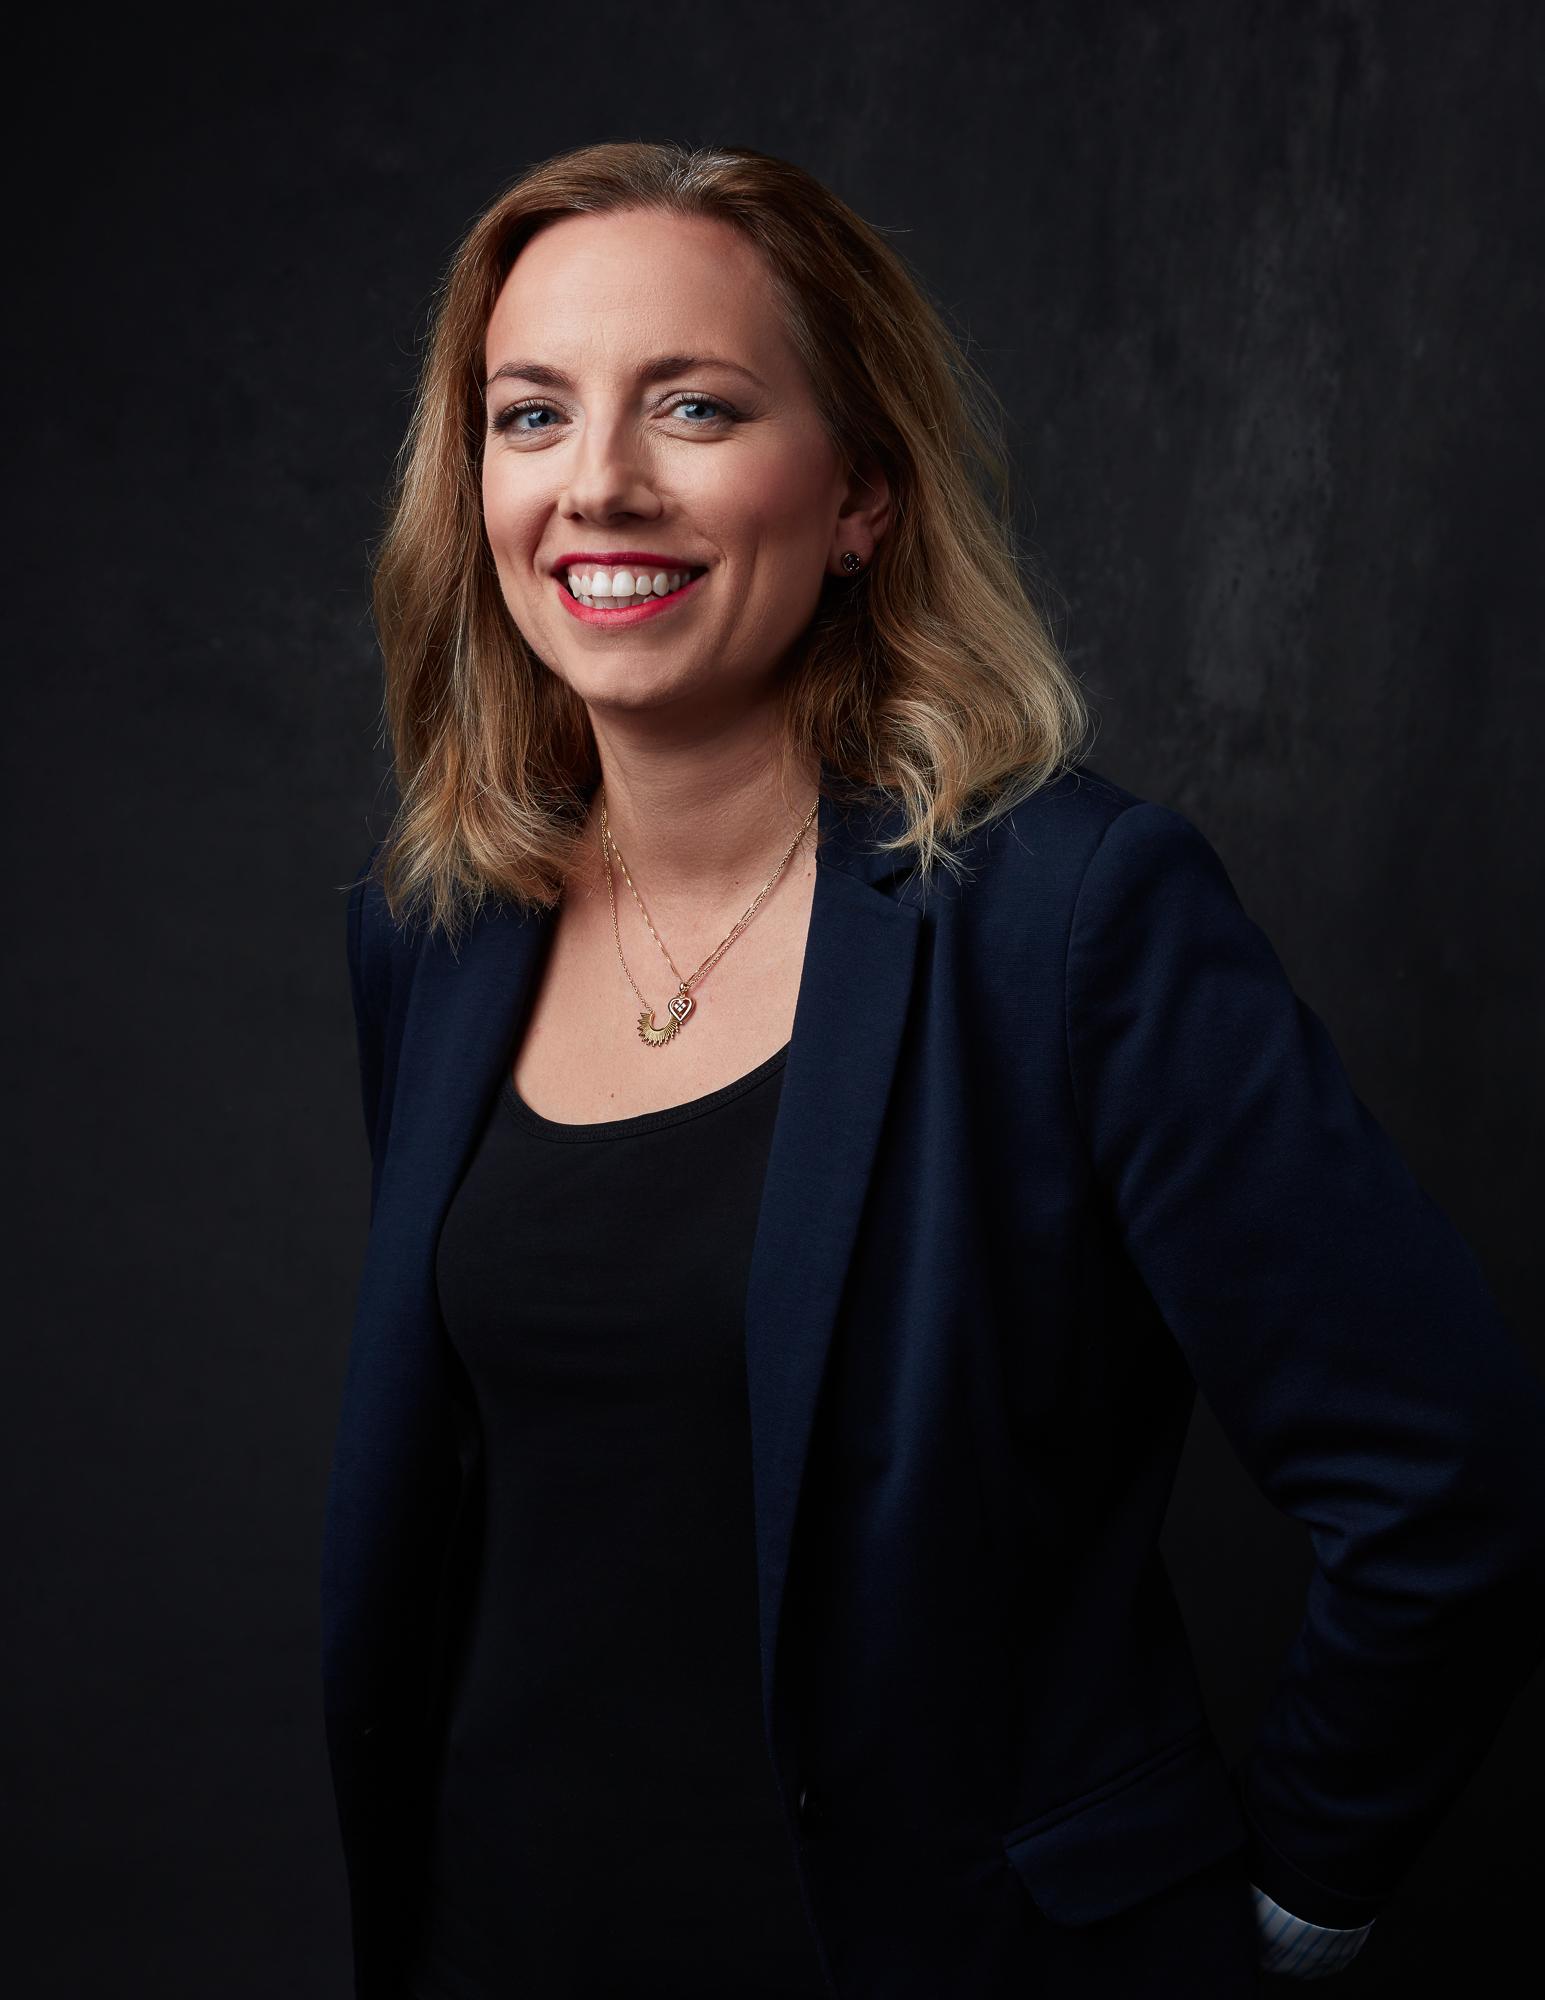 Annika Tiselius